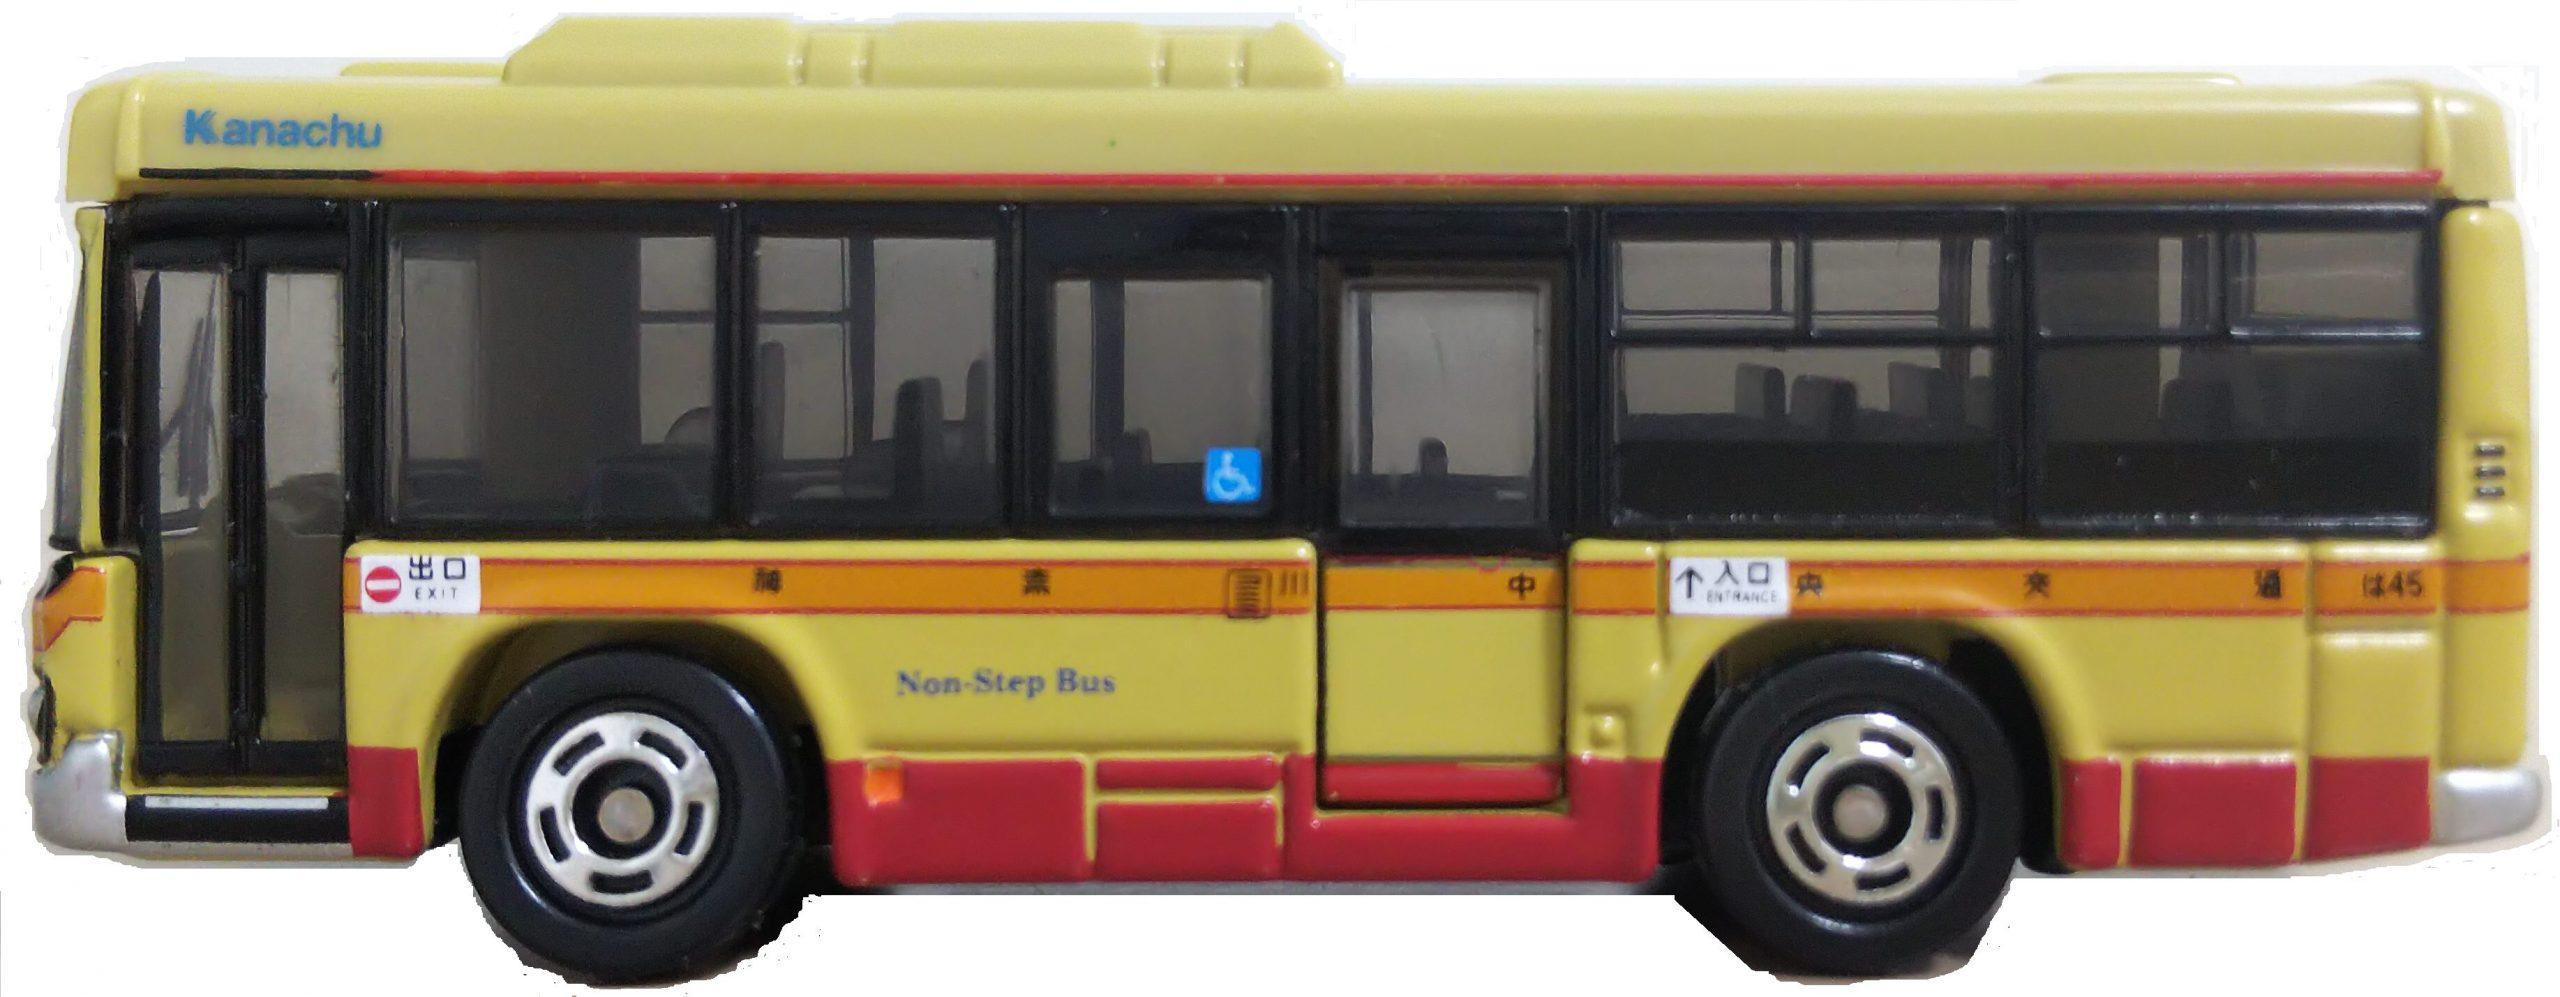 神奈中バス時刻表